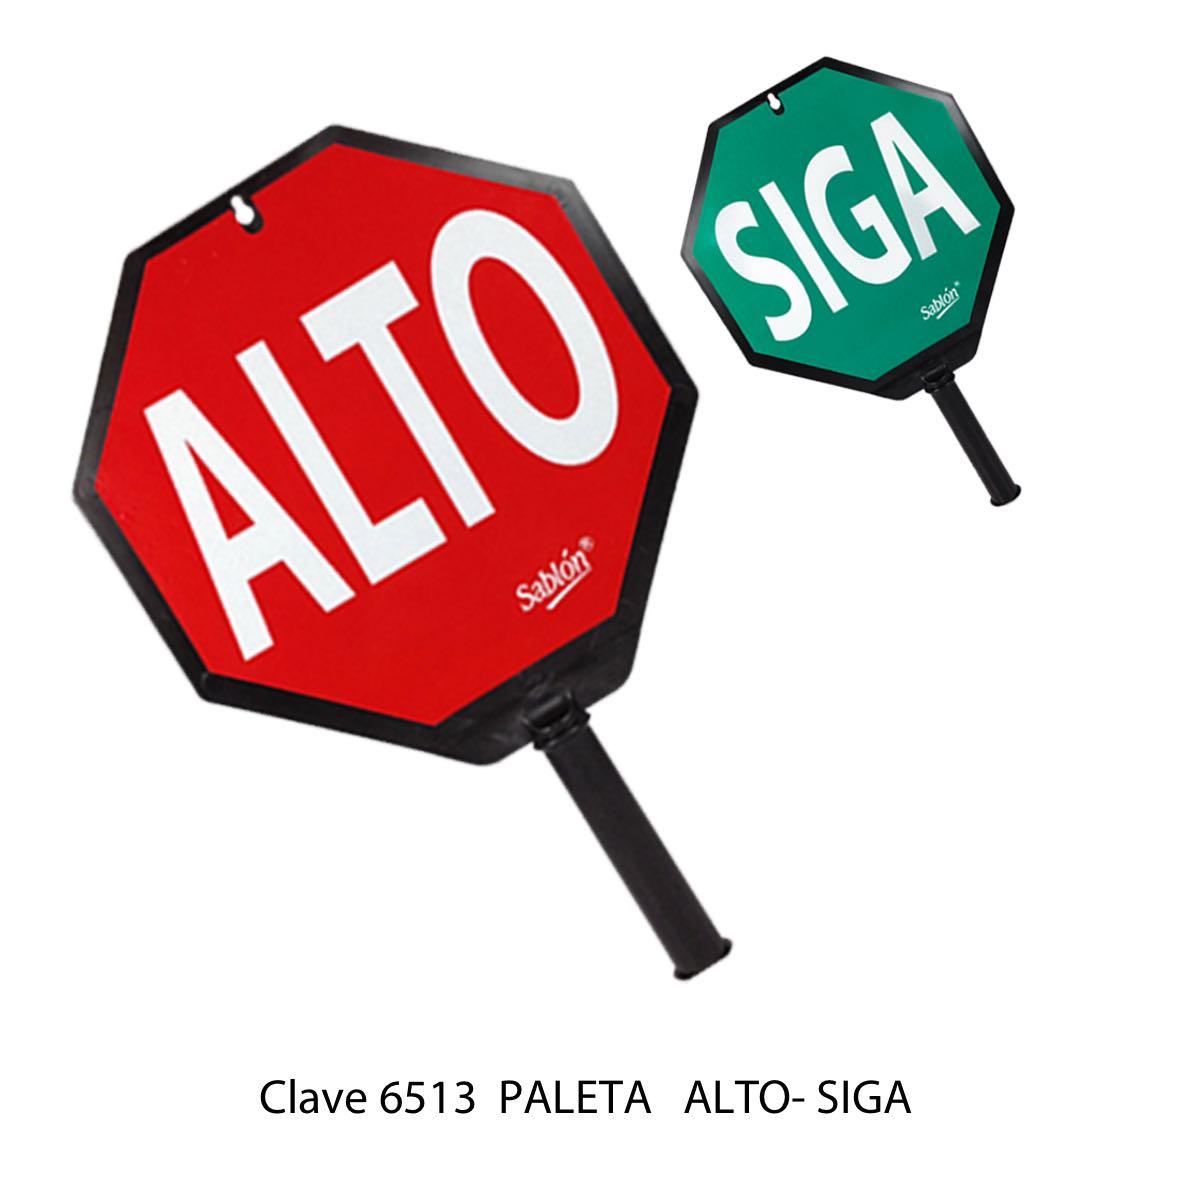 Paleta Alto - Siga Modelo 6513 - Sablón